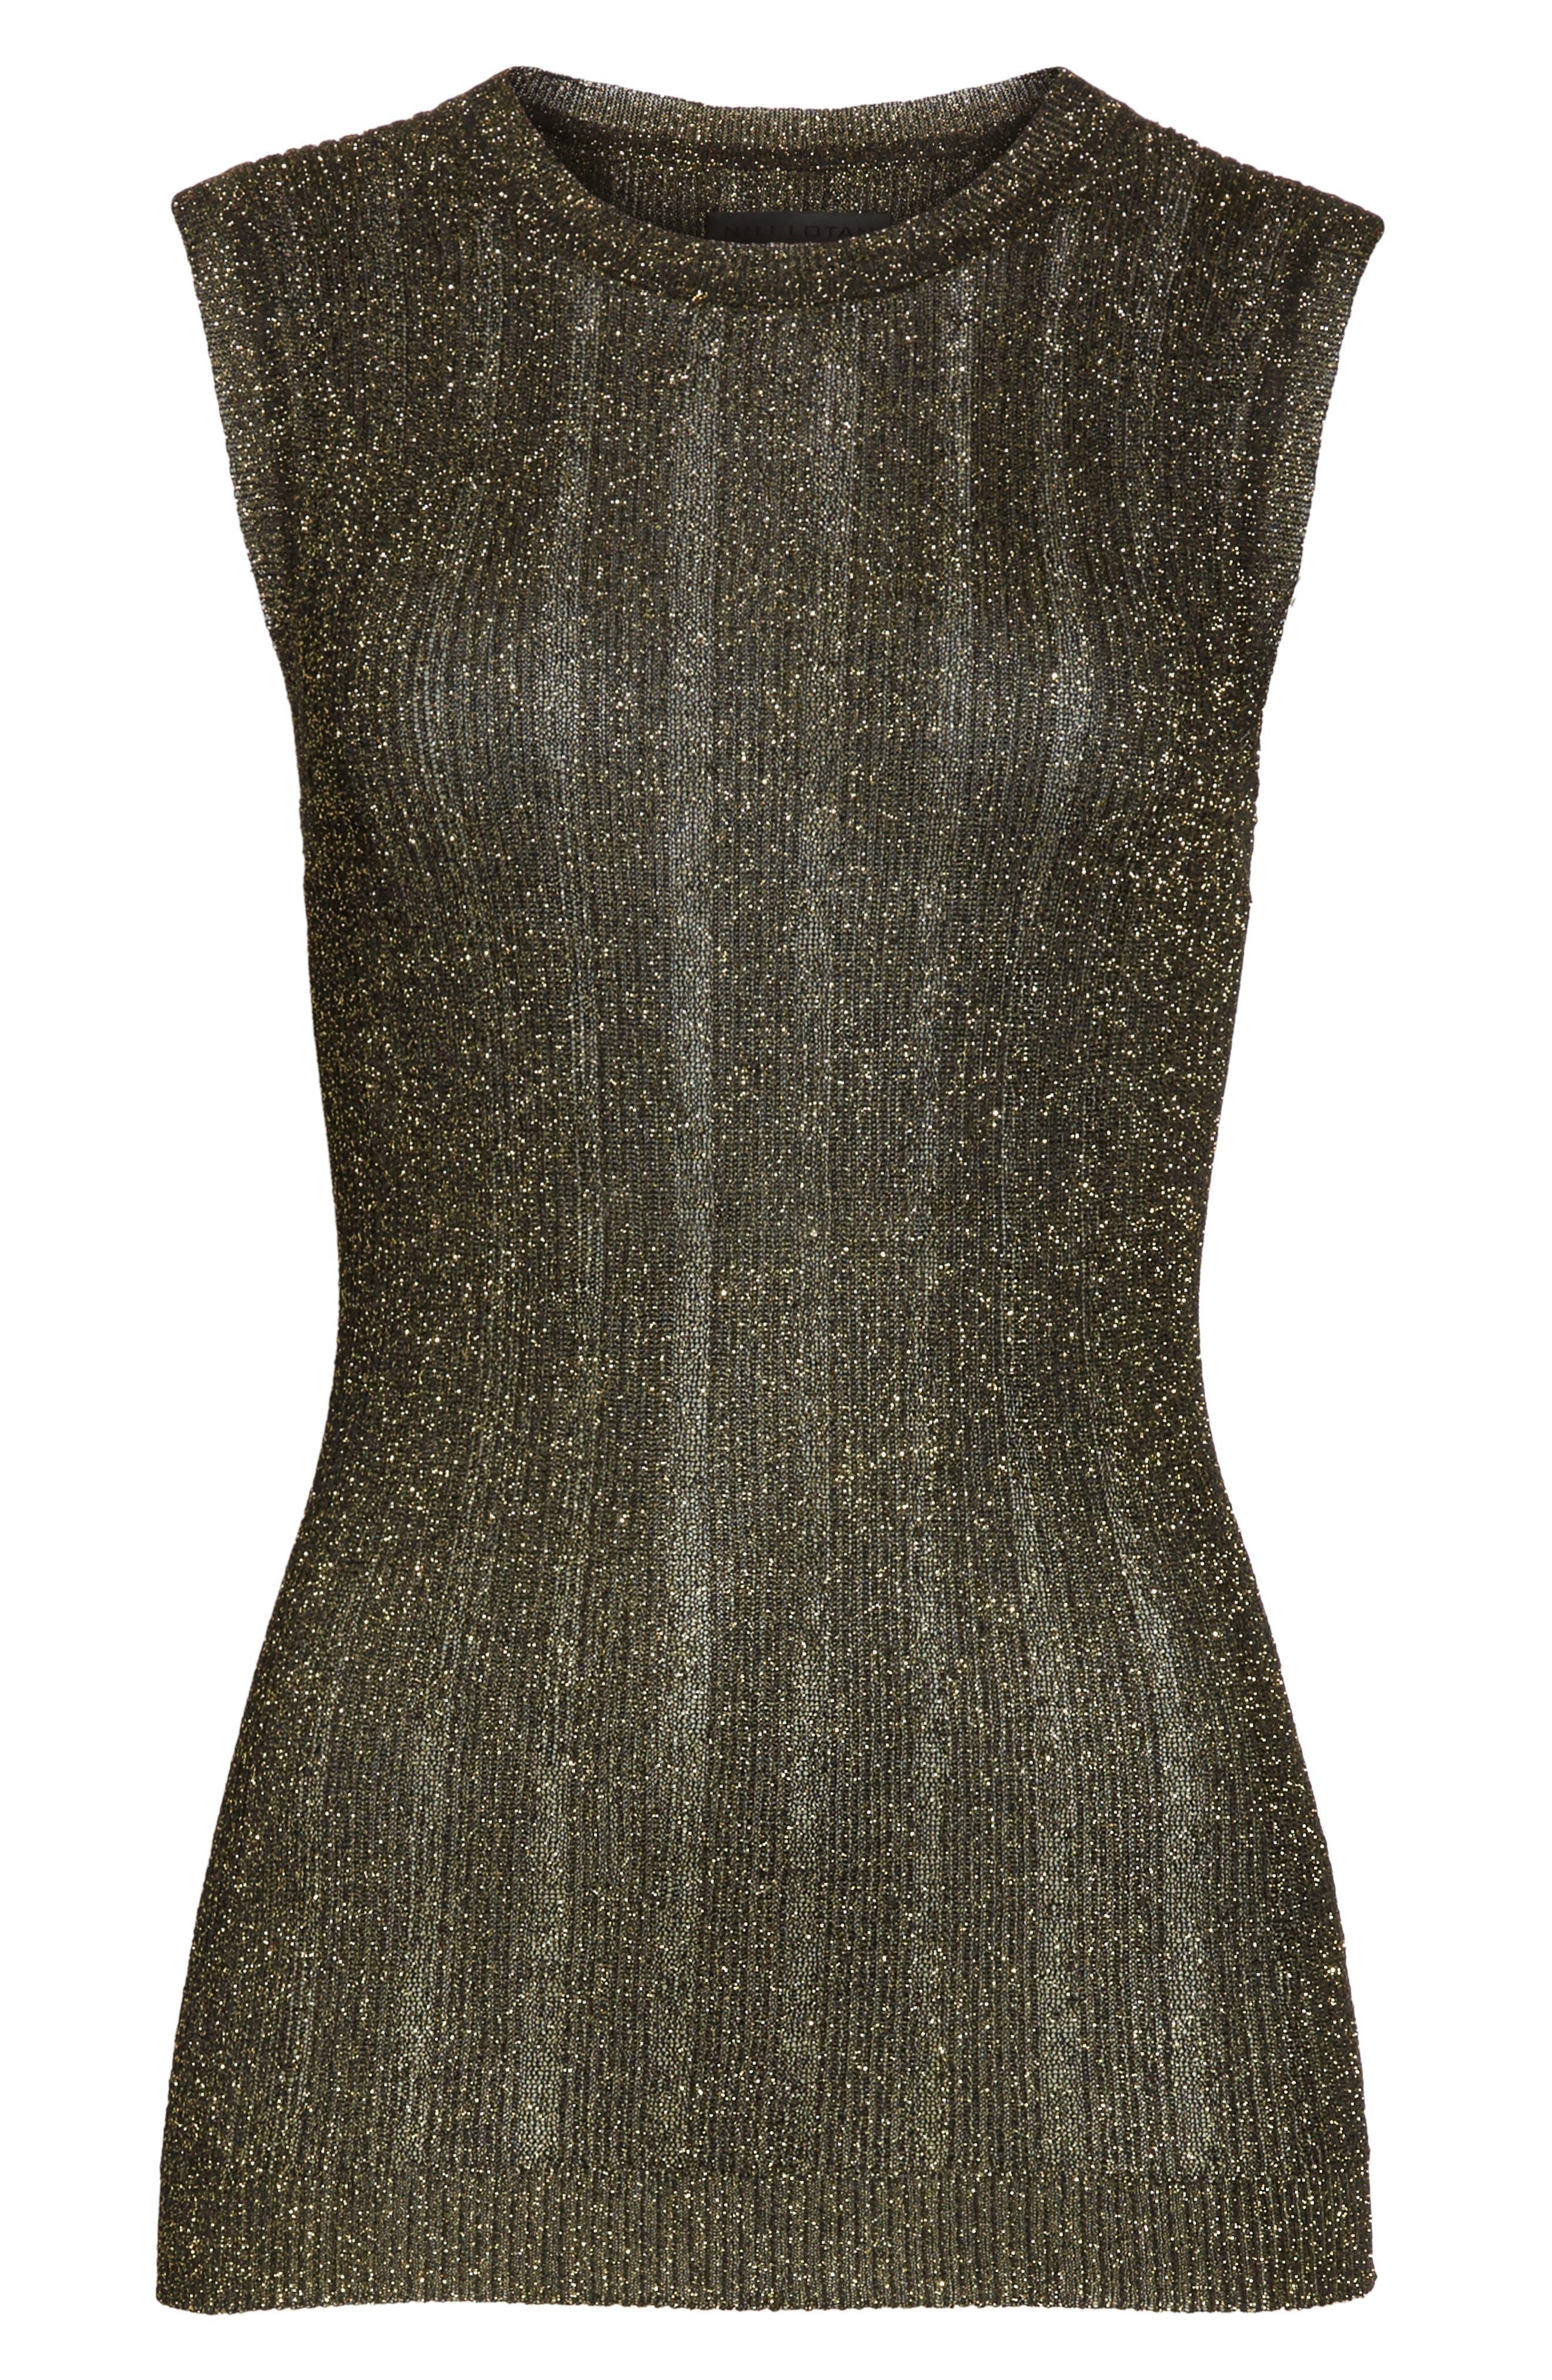 Alternate Image 7  - Nili Lotan Lace Metallic Knit Top